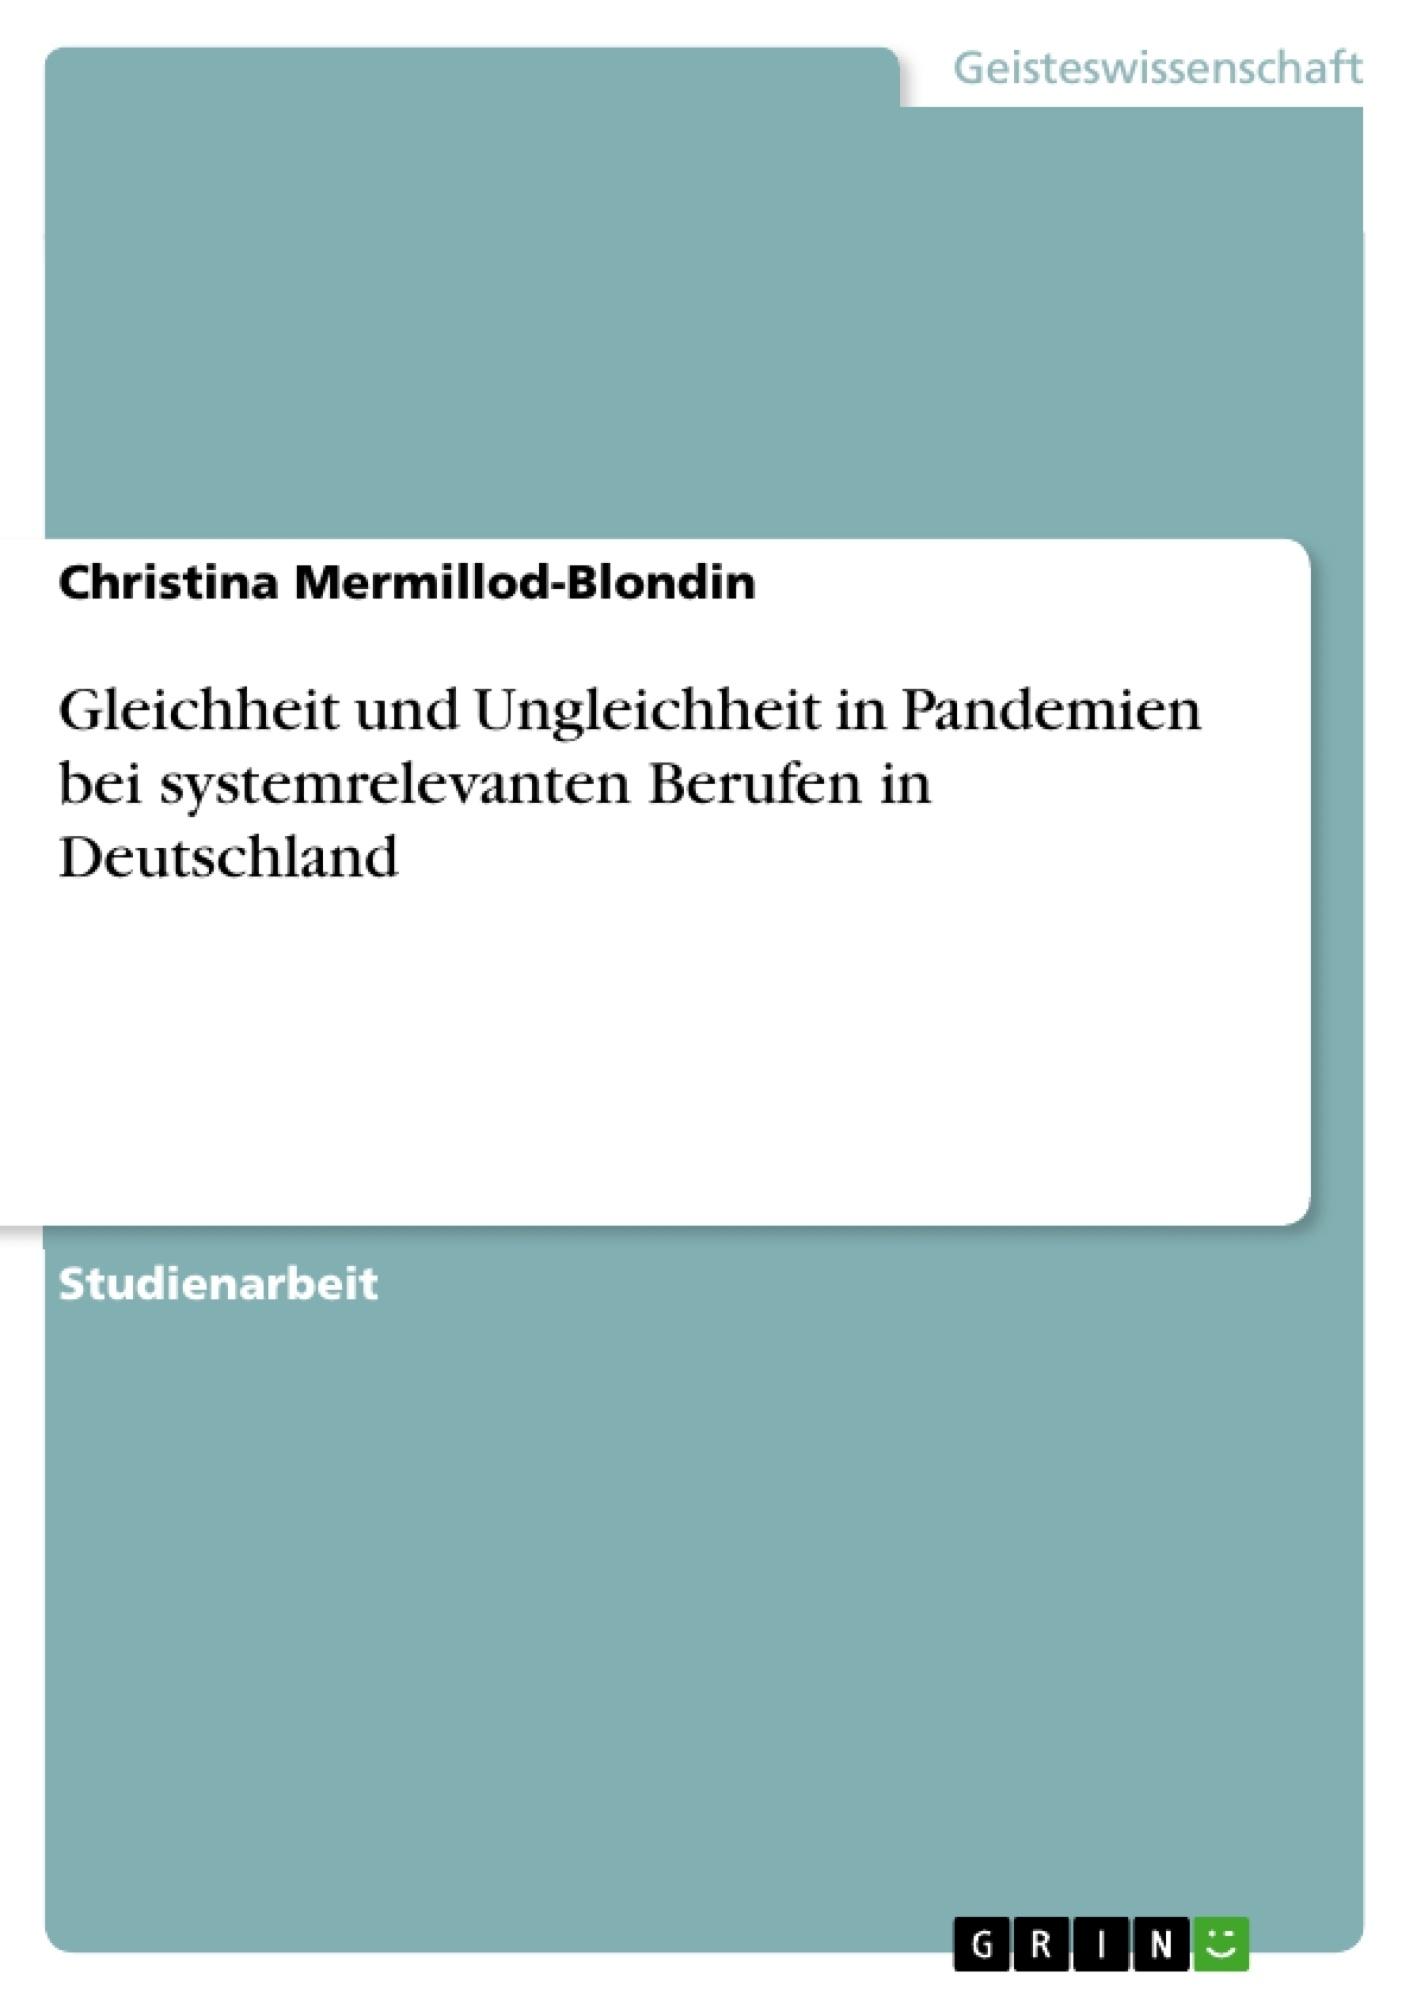 Titel: Gleichheit und Ungleichheit in Pandemien bei systemrelevanten Berufen in Deutschland